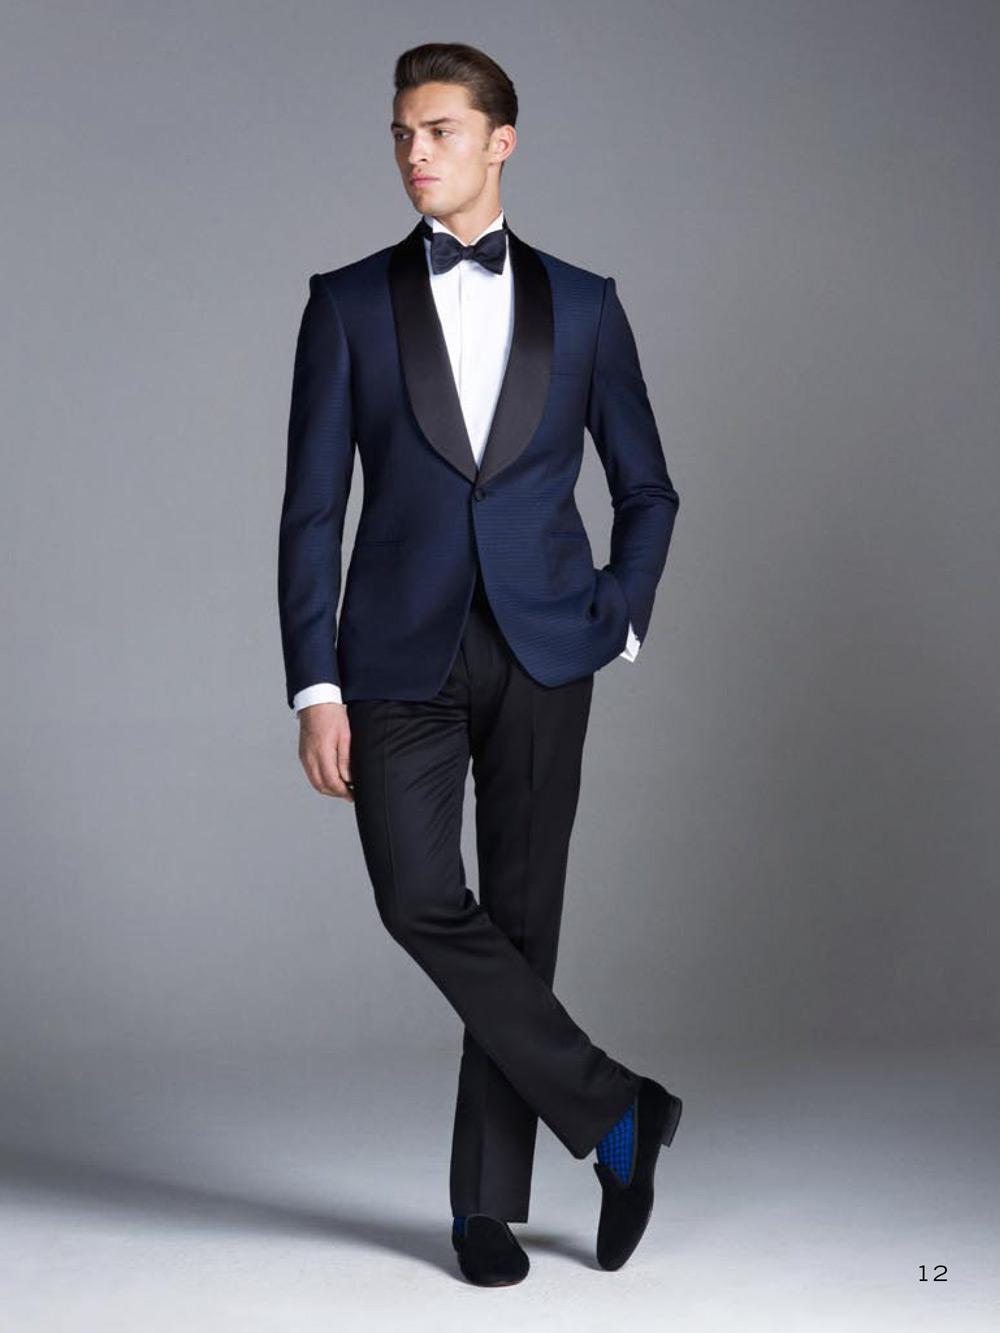 Acquista Abiti Da Sposa 2015 Blu Navy Groomsmen Best Mens Abiti Da Sposa  Abiti Formali Scialle Risvolto Custom Made Smoking Dello Sposo Jacket +  Pants + Bow ... da1fe8c084b